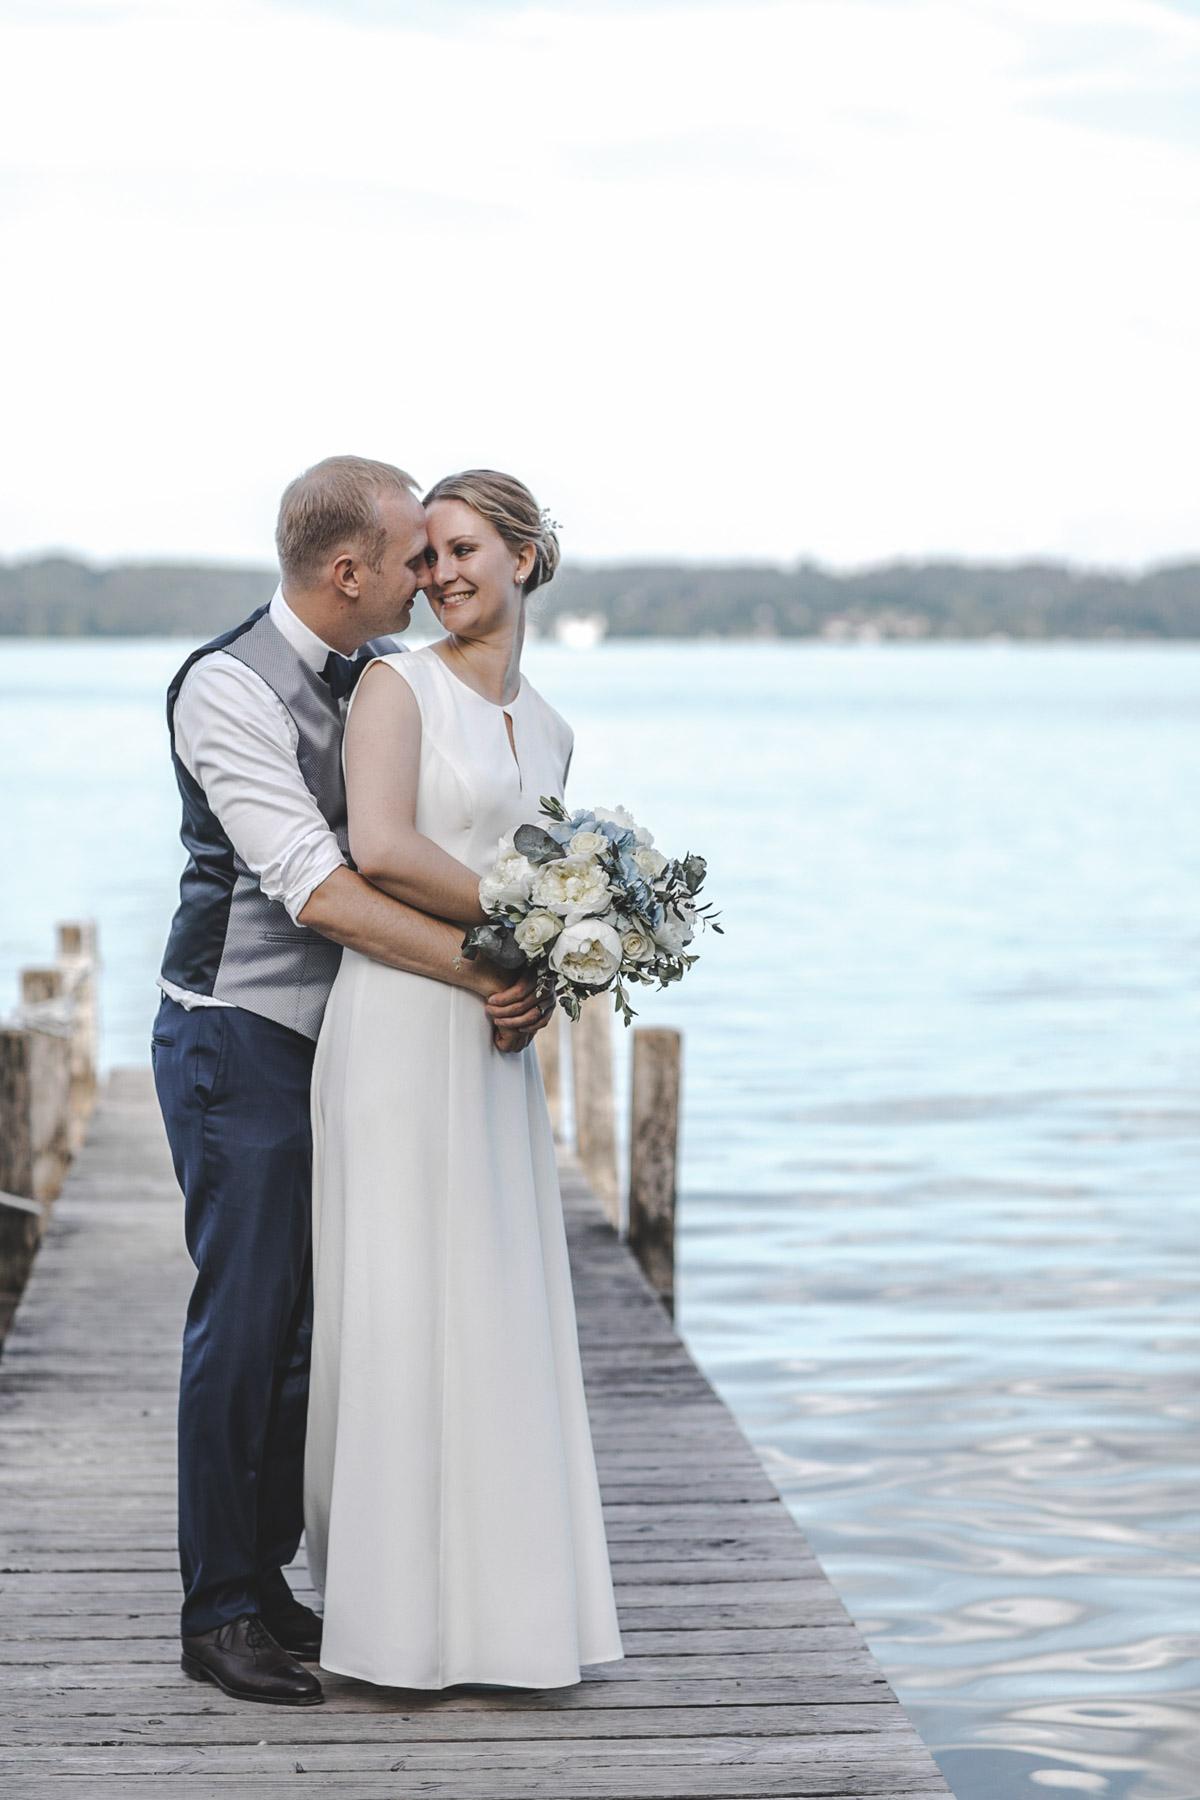 Barbara und Thorsten | Hochzeit am Starnenberger See - Fotografin Guelten Hamidanoglu Fotografie Koeln BT 19 789